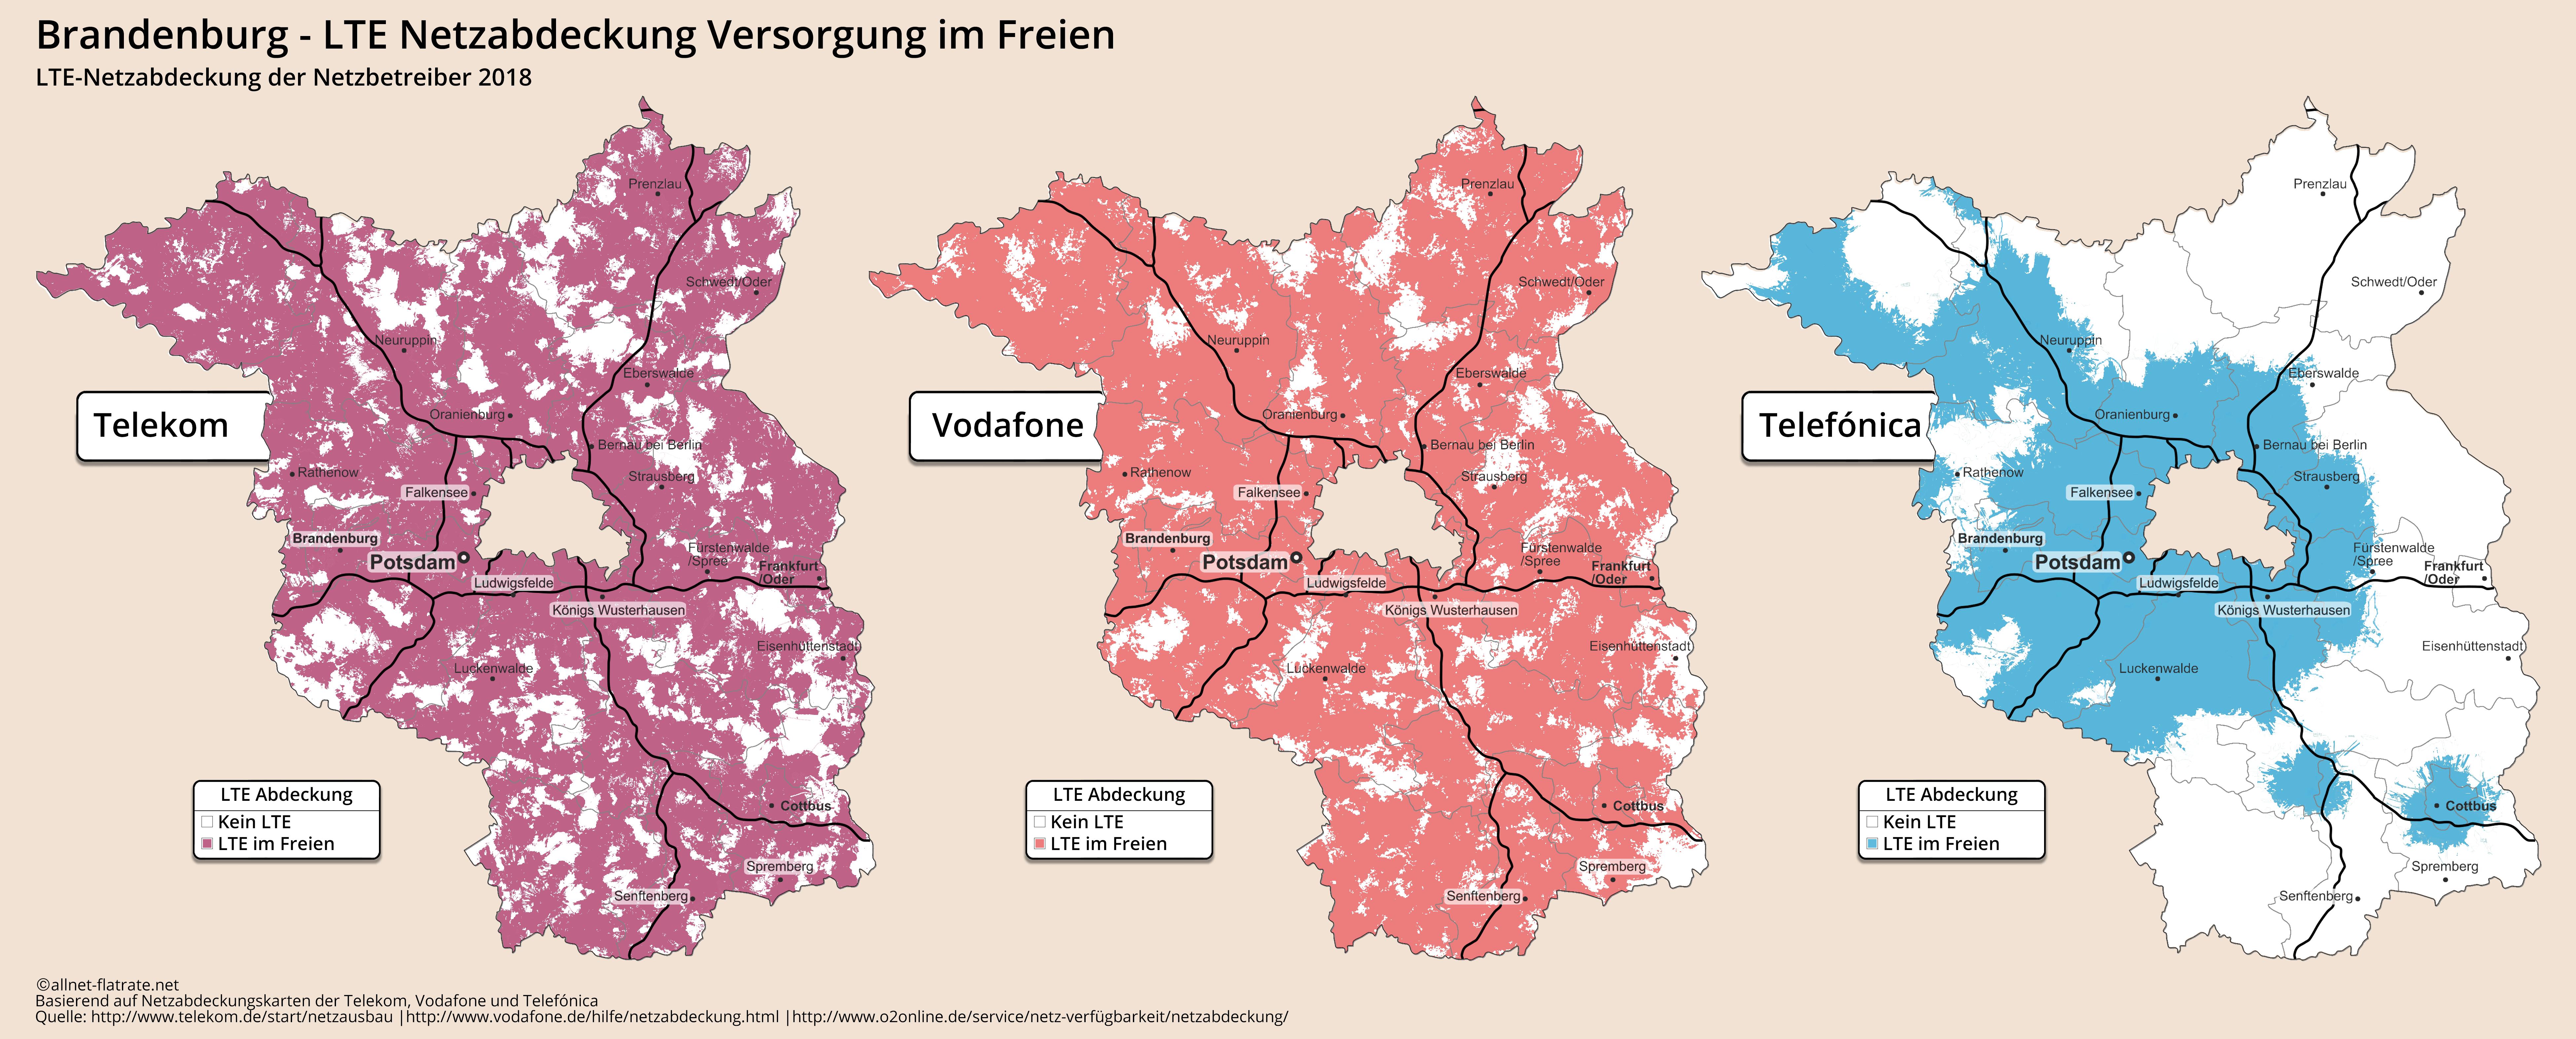 Lte Netzabdeckung Karte.Brandenburg Lte Netzabdeckung Aktueller Ausbau D1 D2 O2